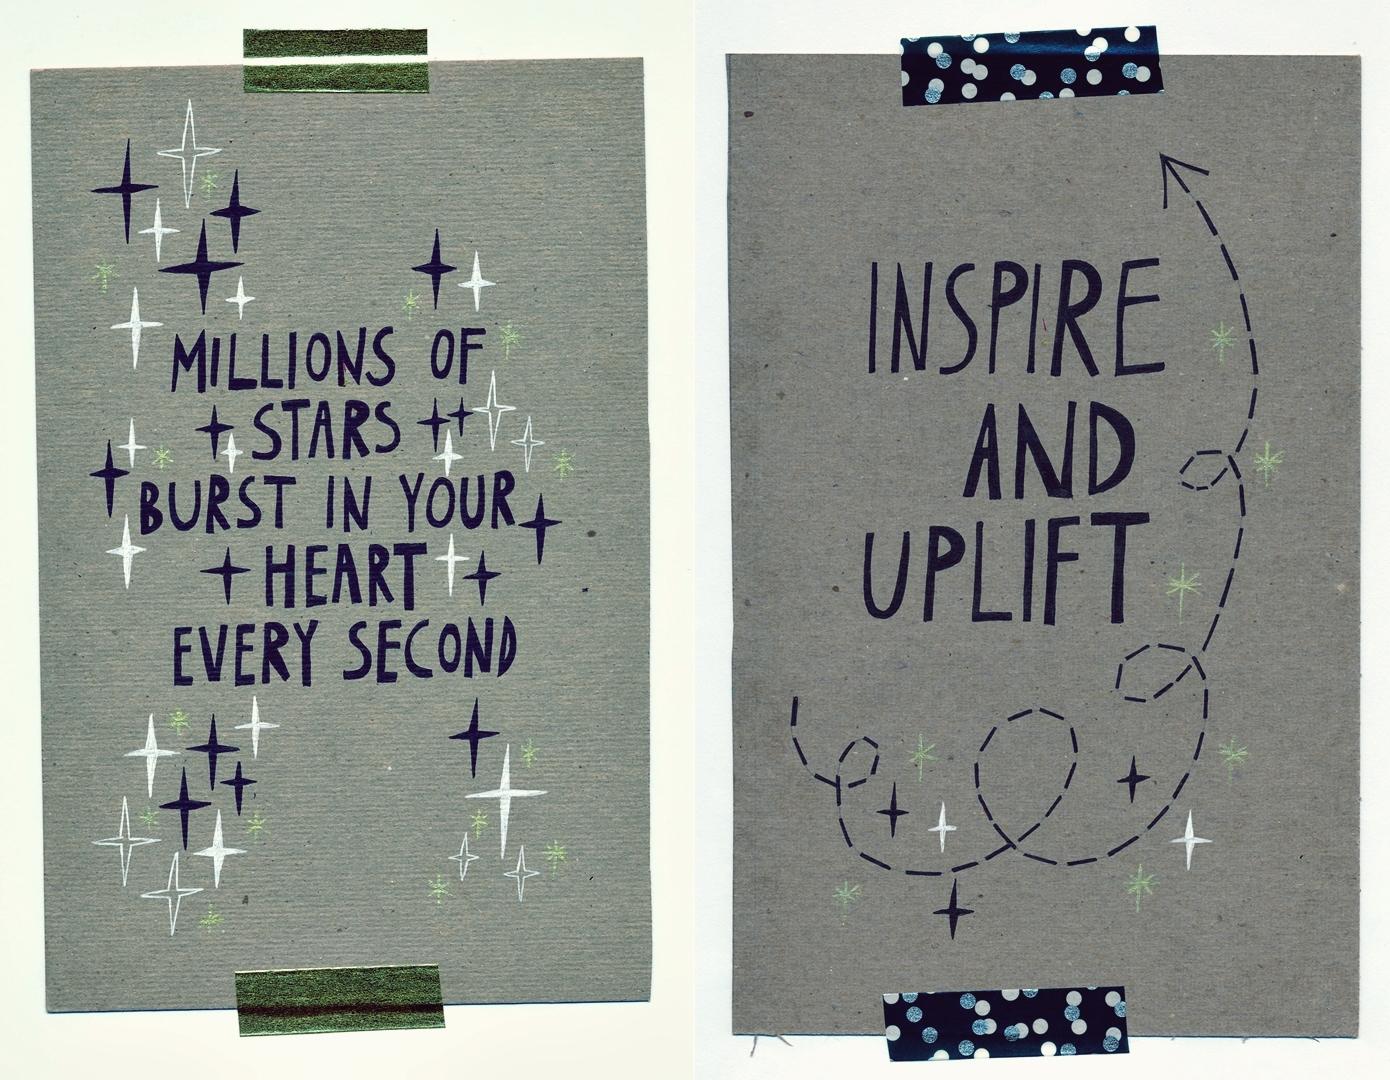 inspire_edited-1-horz.jpg